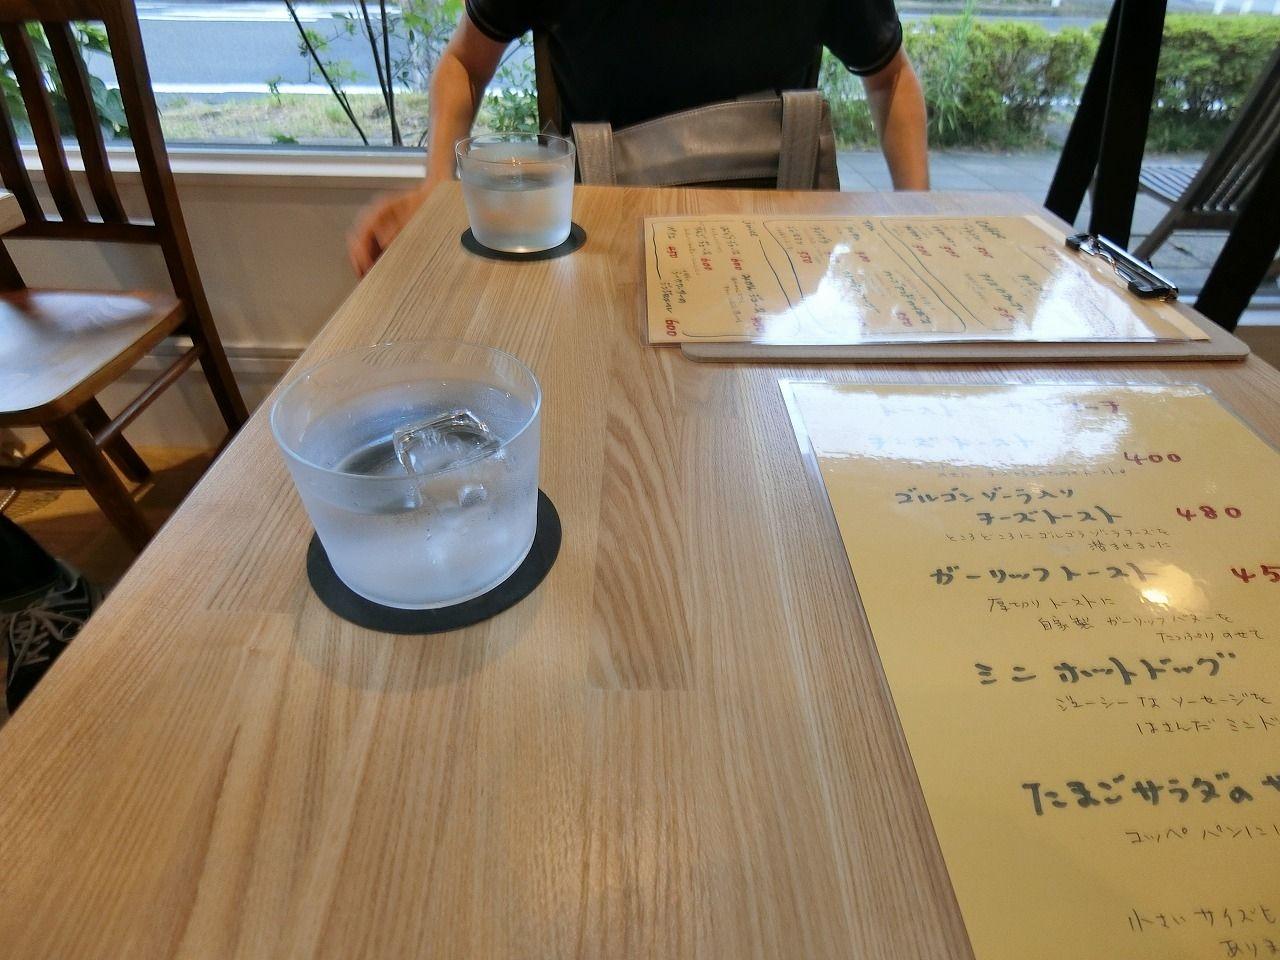 「Madalena Cafe」(マダレーナ カフェ) の二人用のテーブル